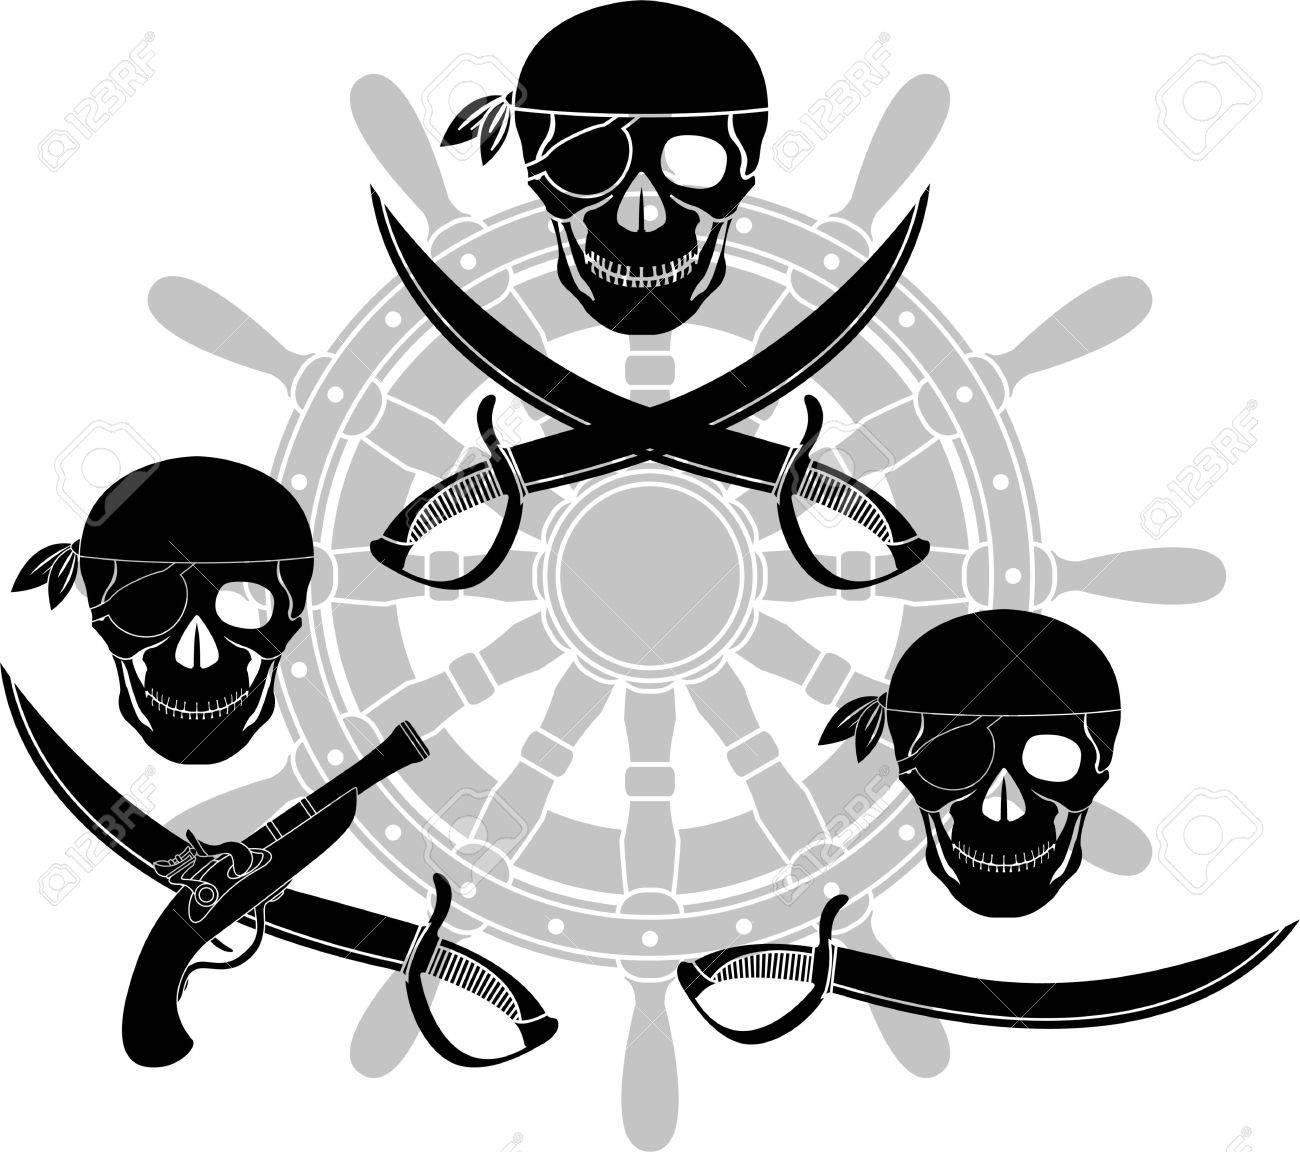 Conjunto De Señales Piratas. Plantillas. Ilustración Vectorial ...